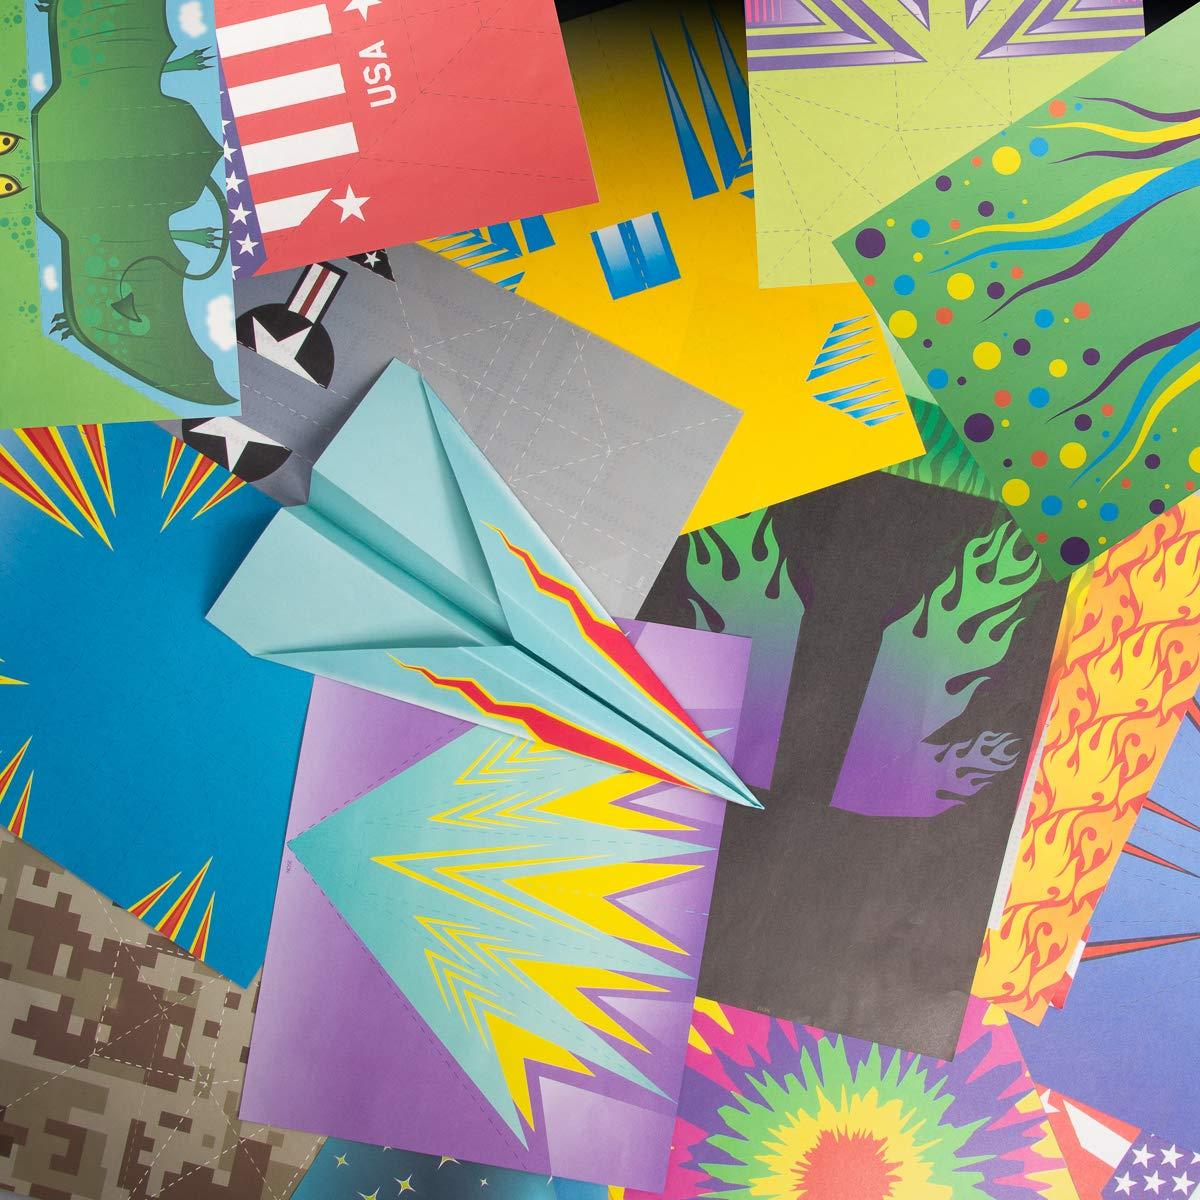 Kangaroo's Paper Airplane Kit; 72 Paper Airplanes by Kangaroo (Image #1)